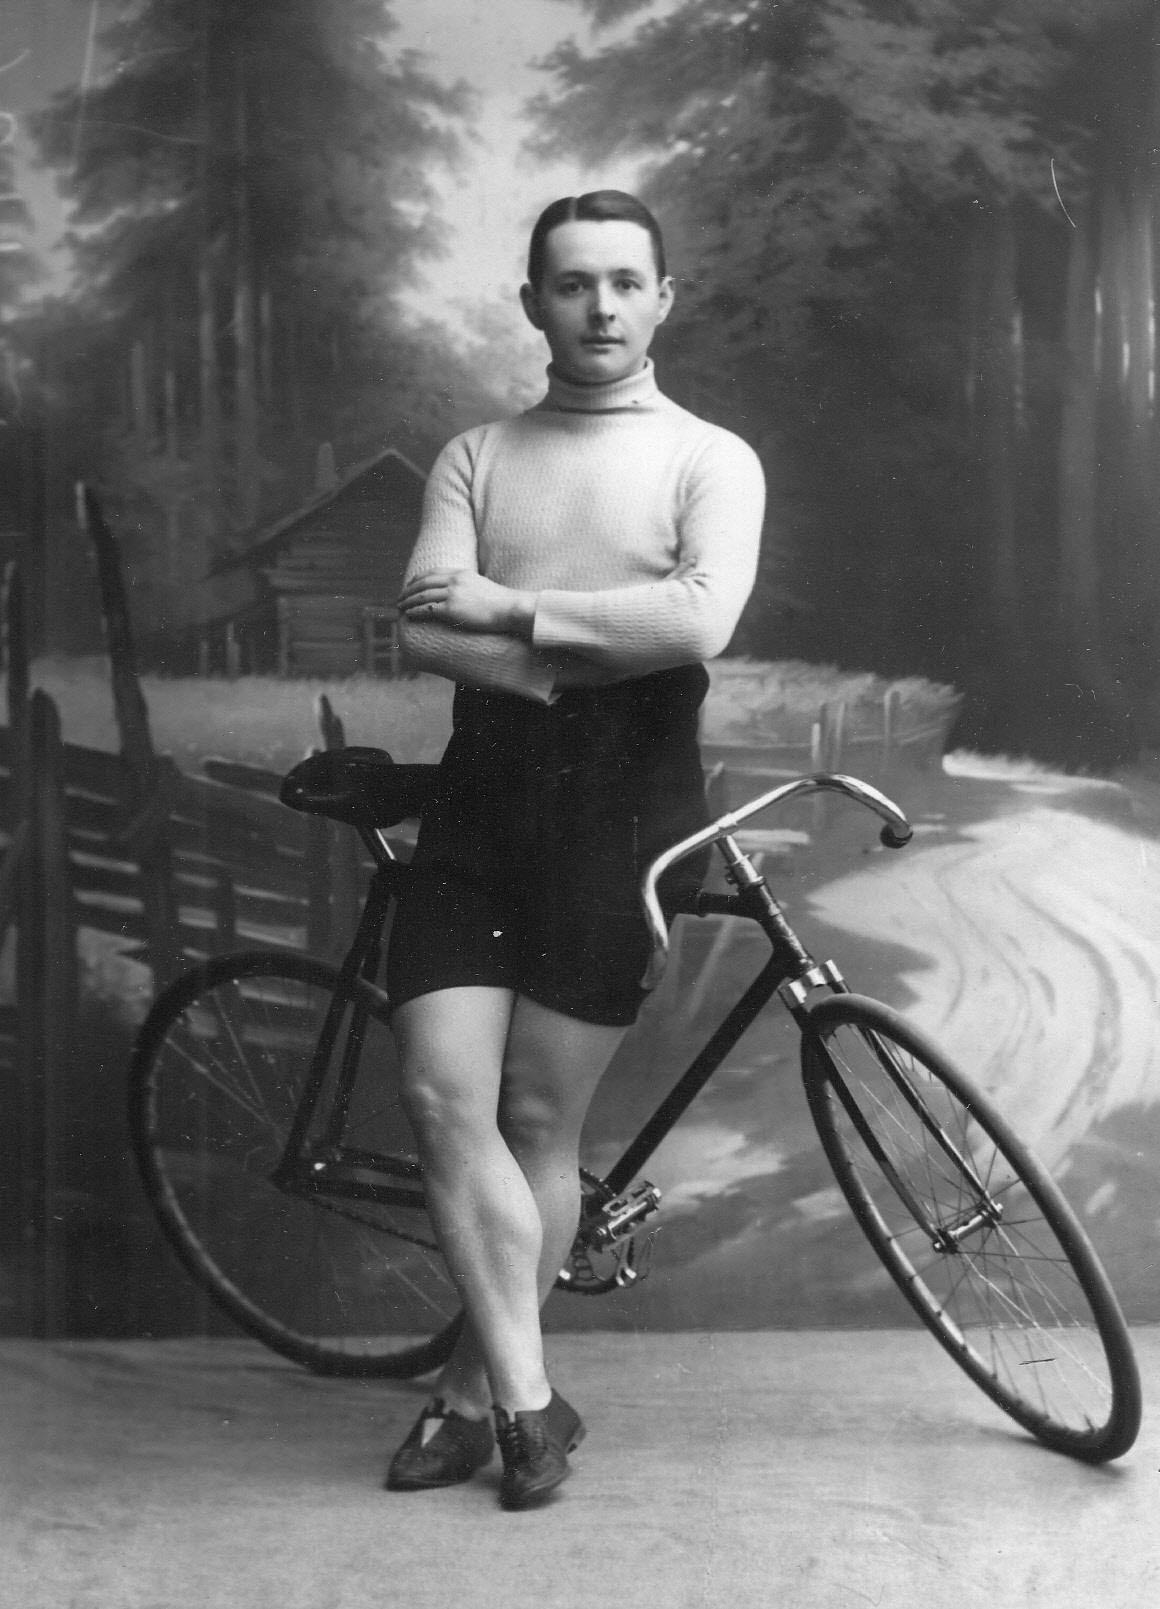 Участник велогонок Ткачик (Варшава) с велосипедом